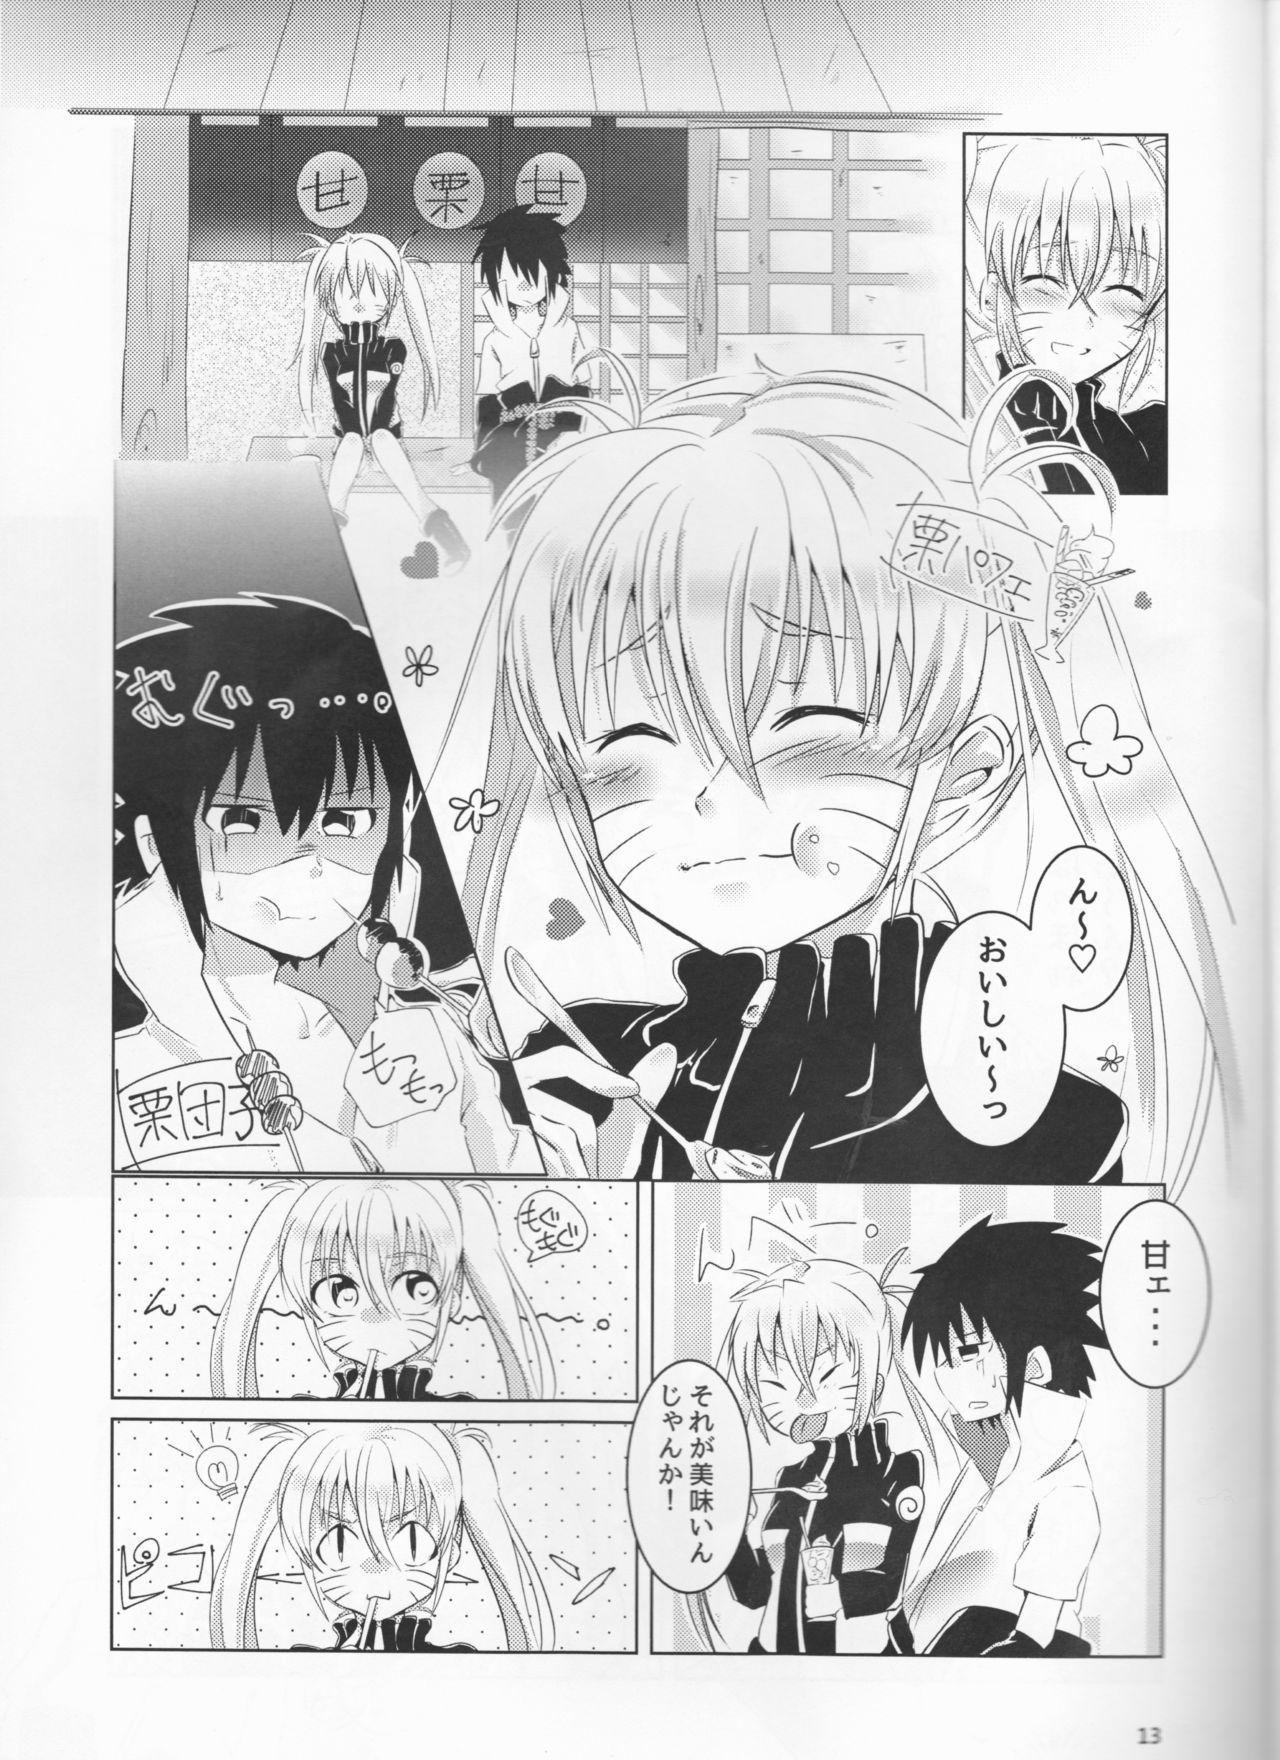 Douyara Usuratonkachi no Kudaranai Jutsu wa Ore ni Kouka ga Nai rashii. 12